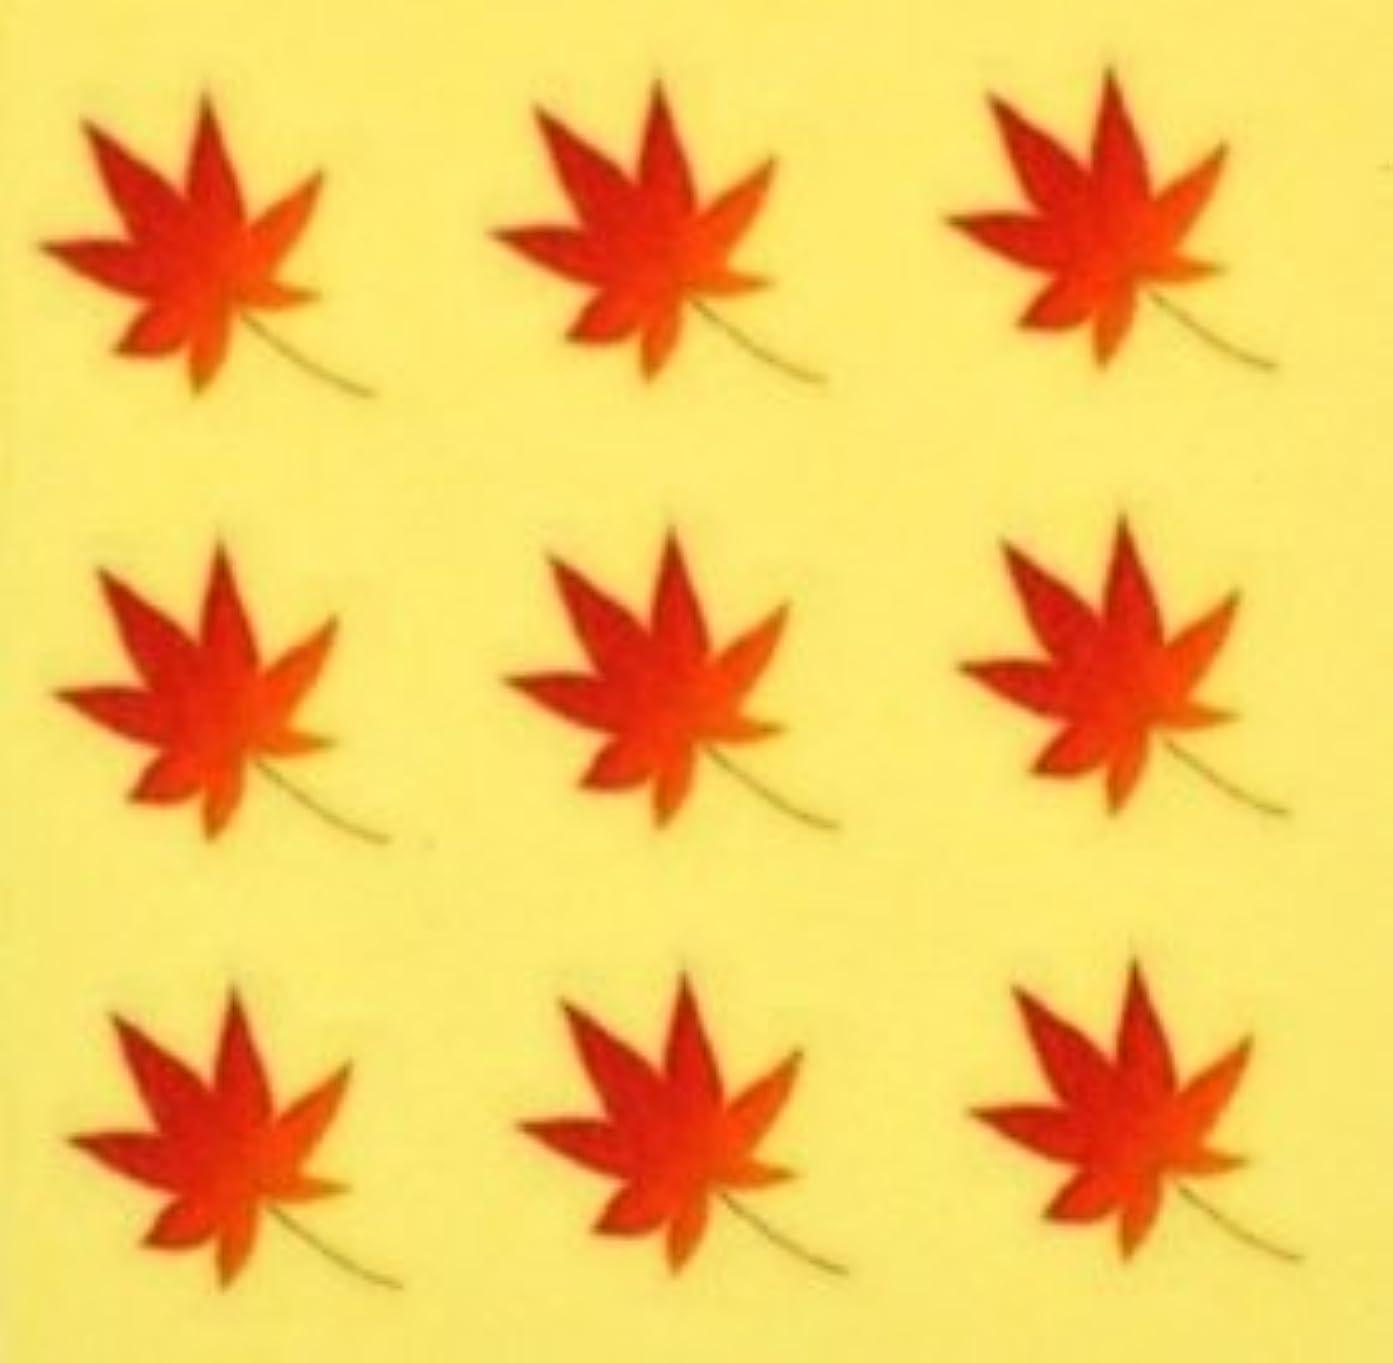 マトリックス歯痛棚紅葉?秋【ネイルデザインシール】もみじ(1)/1シート9枚入